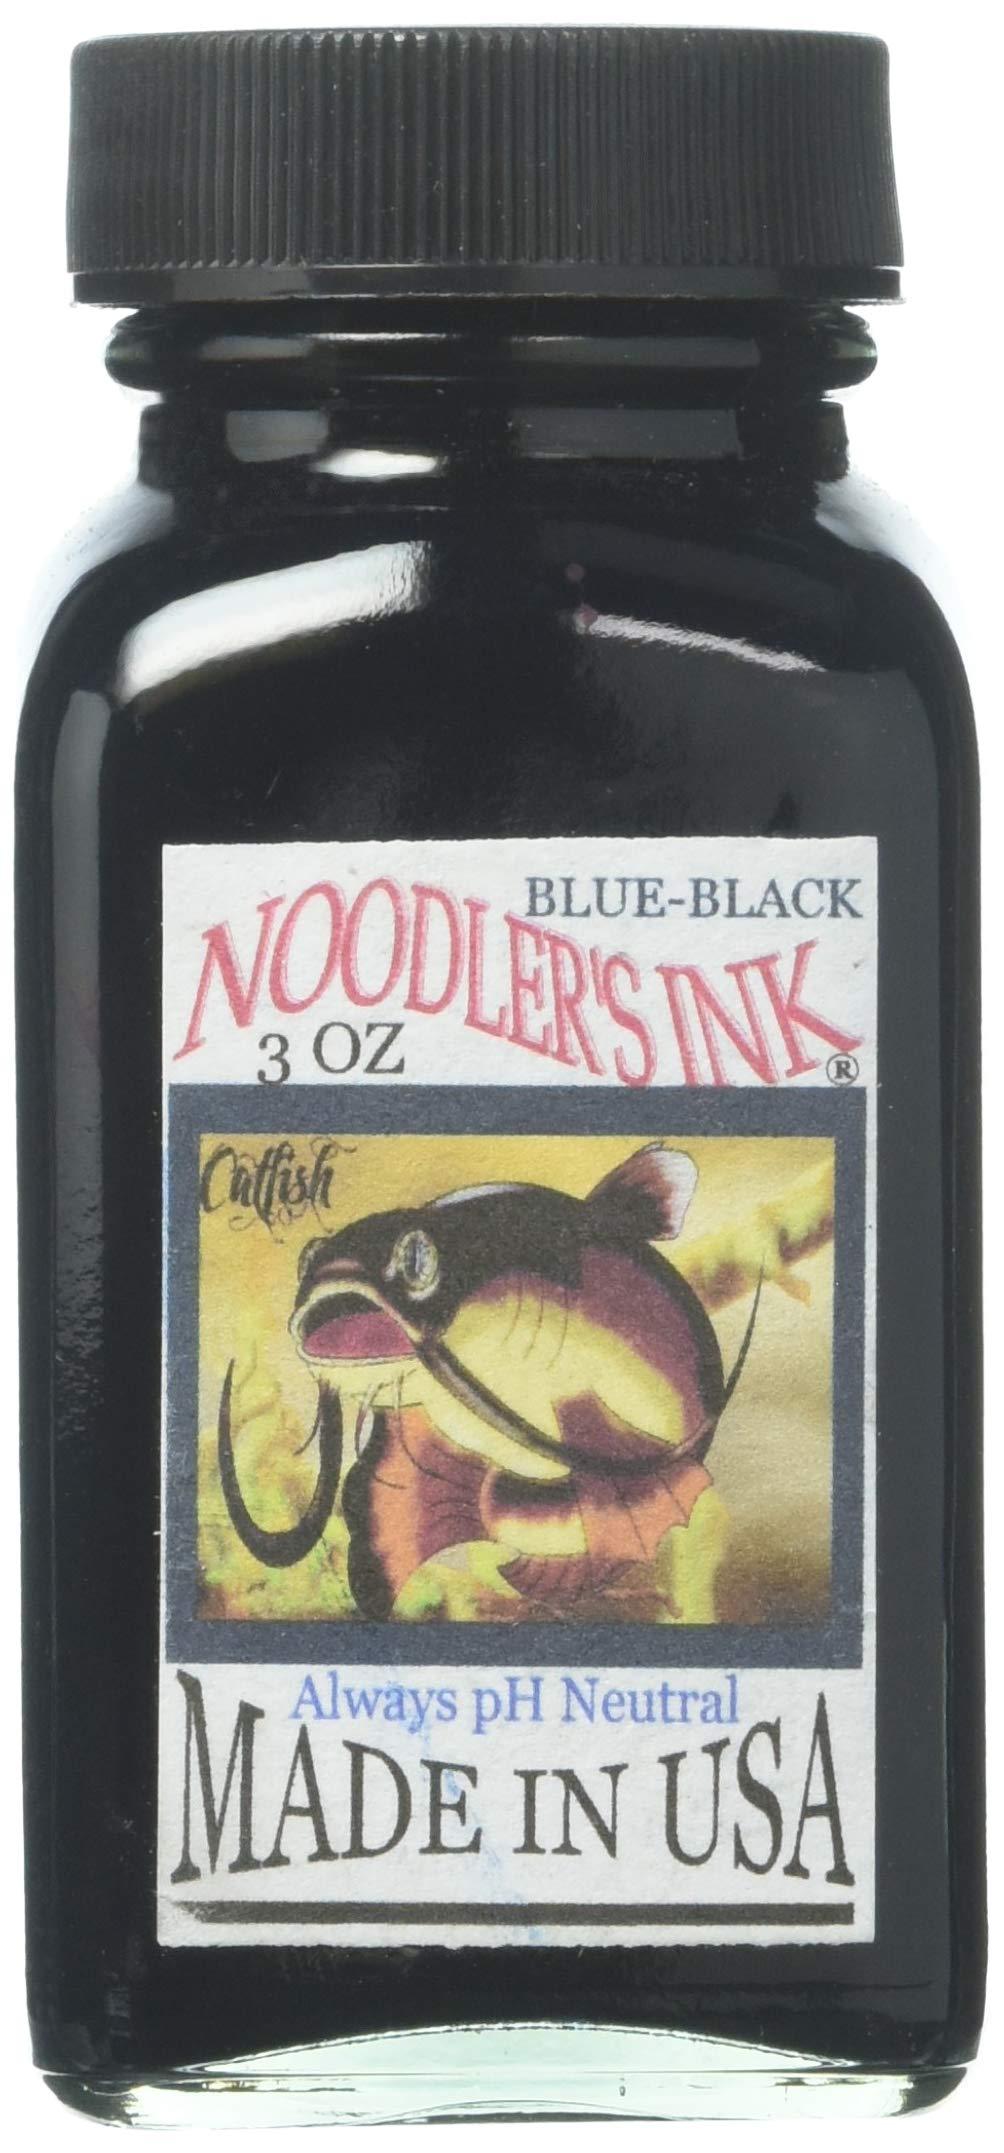 Noodlers Ink 3 Oz Blue-Black by NOODLER'S